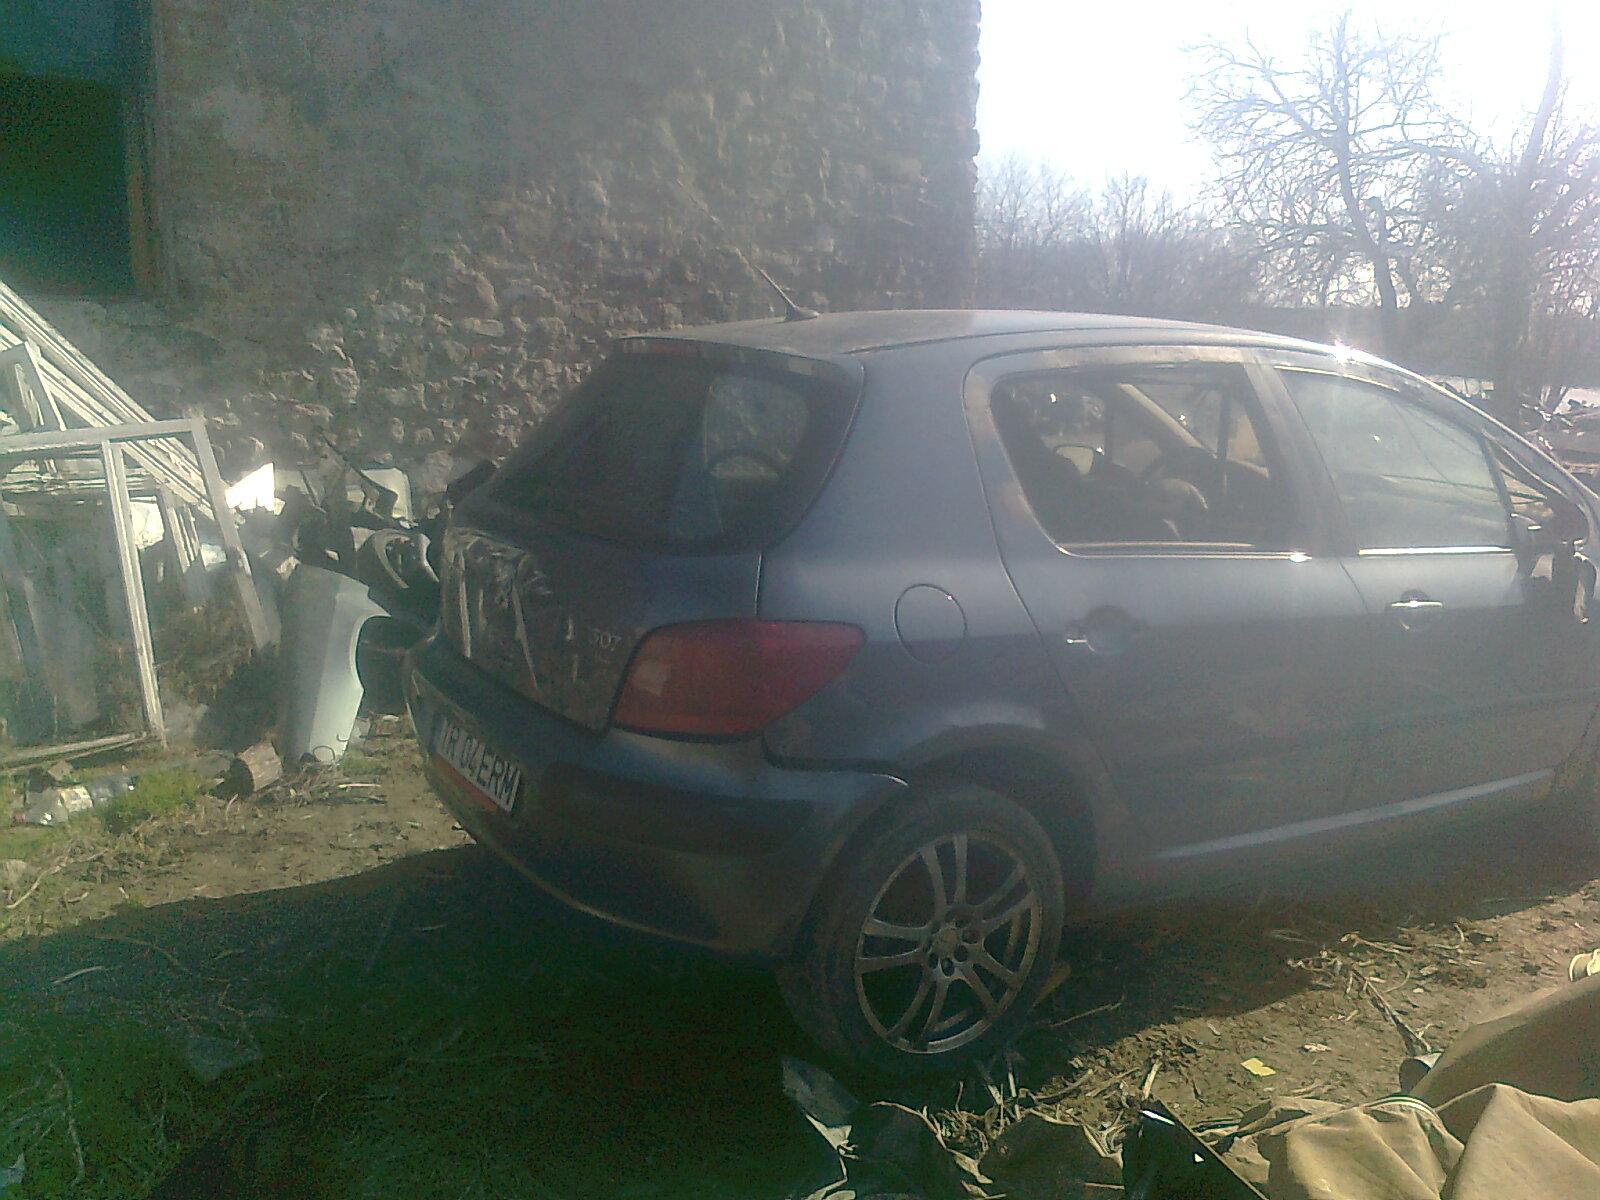 Peugeot 307 avariat 2006 Benzina Hatchback - 19 Iunie 2011 - Poza 1